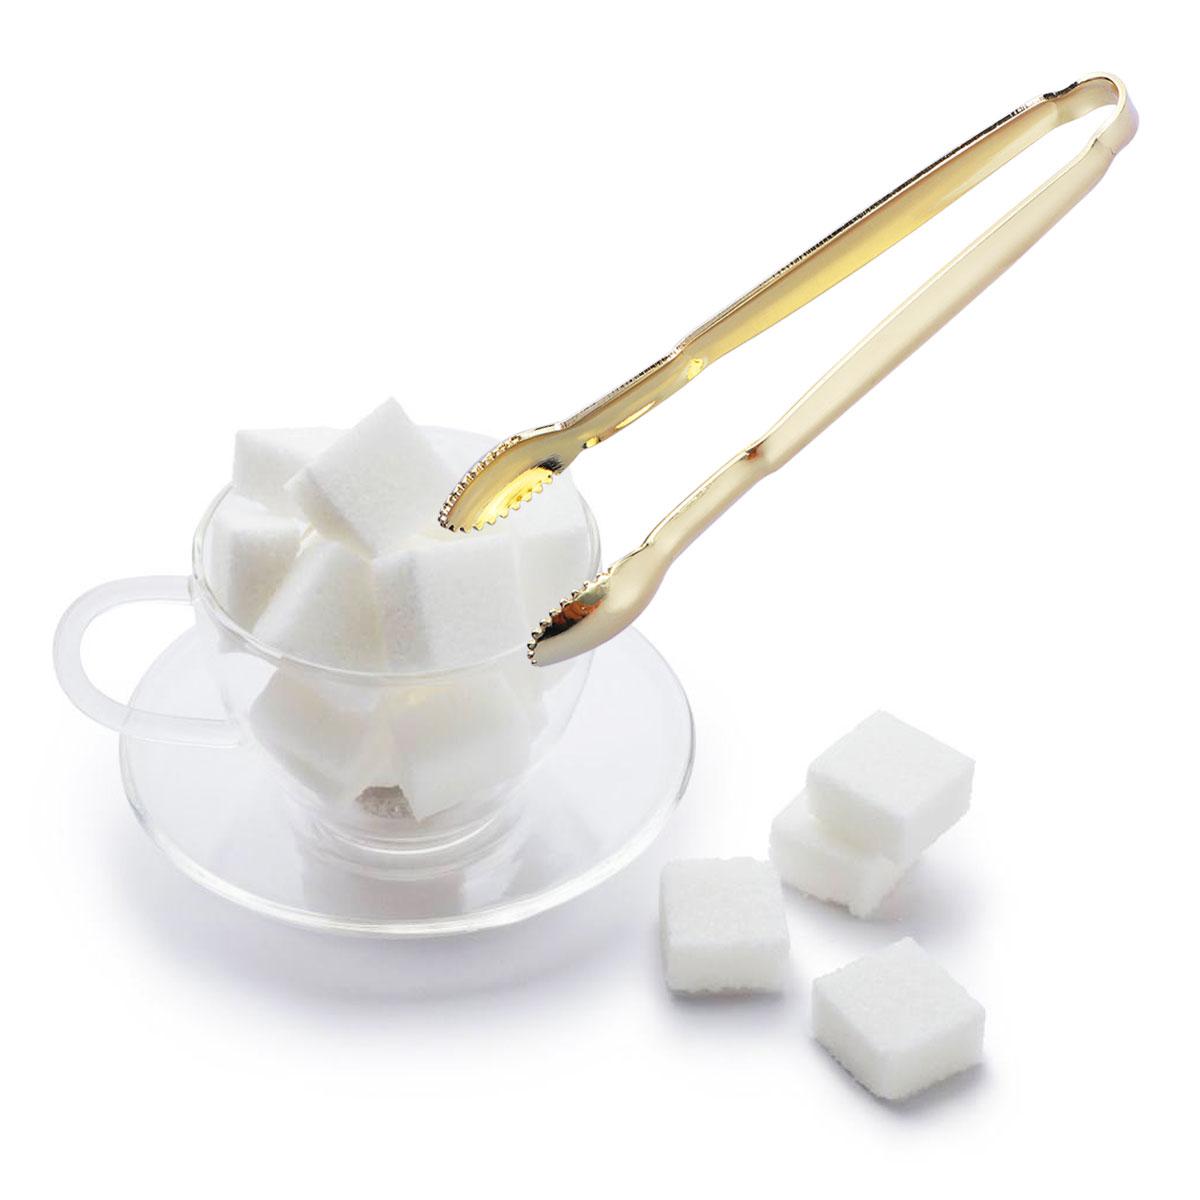 [해외]2pcs Gold Plated Mini Serving Tongs Sugar Cube Tongs Premium Stainless Steel Mini Ice Tong Perfect for Tea Party Coffee Supplies/2pcs Gold Plated